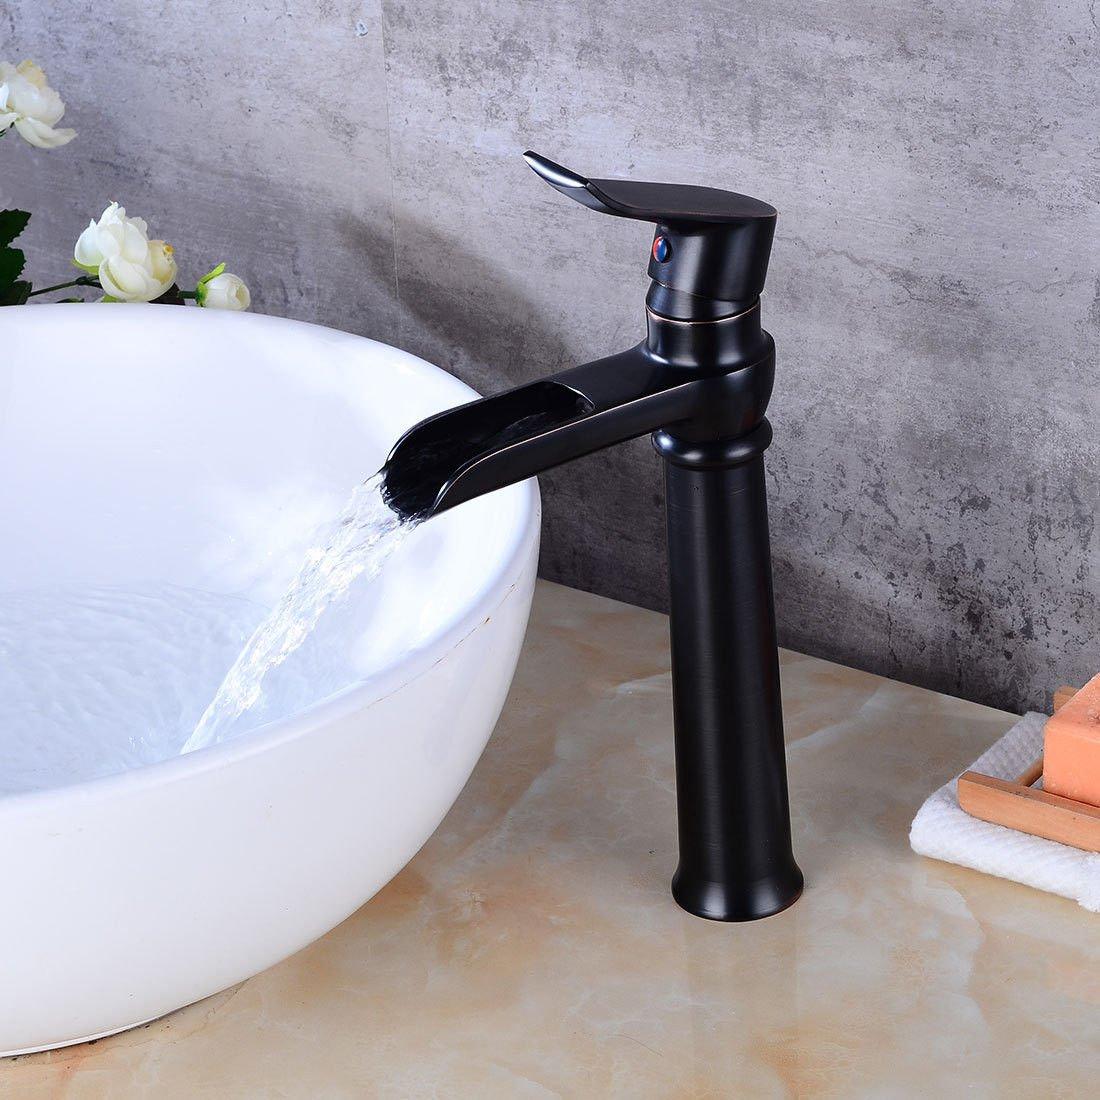 Good quality Antiquitäten Becken Spül Mischer Tap Antikes Badezimmer Waschbecken Wasserhahn Luxus Badezimmer heißen und kalten Waschbecken Wasserhahn Wasserfall Wasserhahn